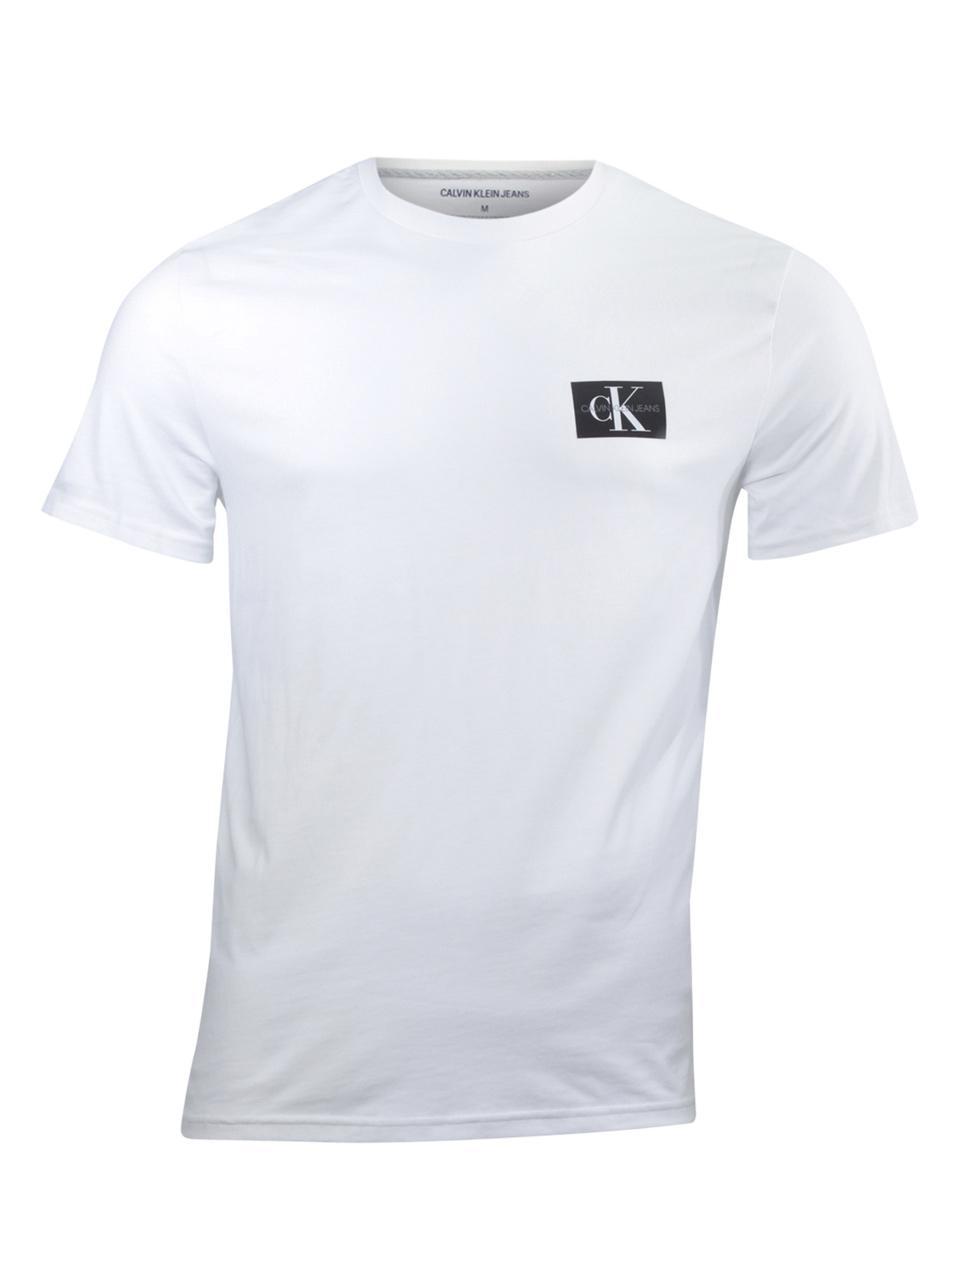 Image of - Brilliant White - X Large